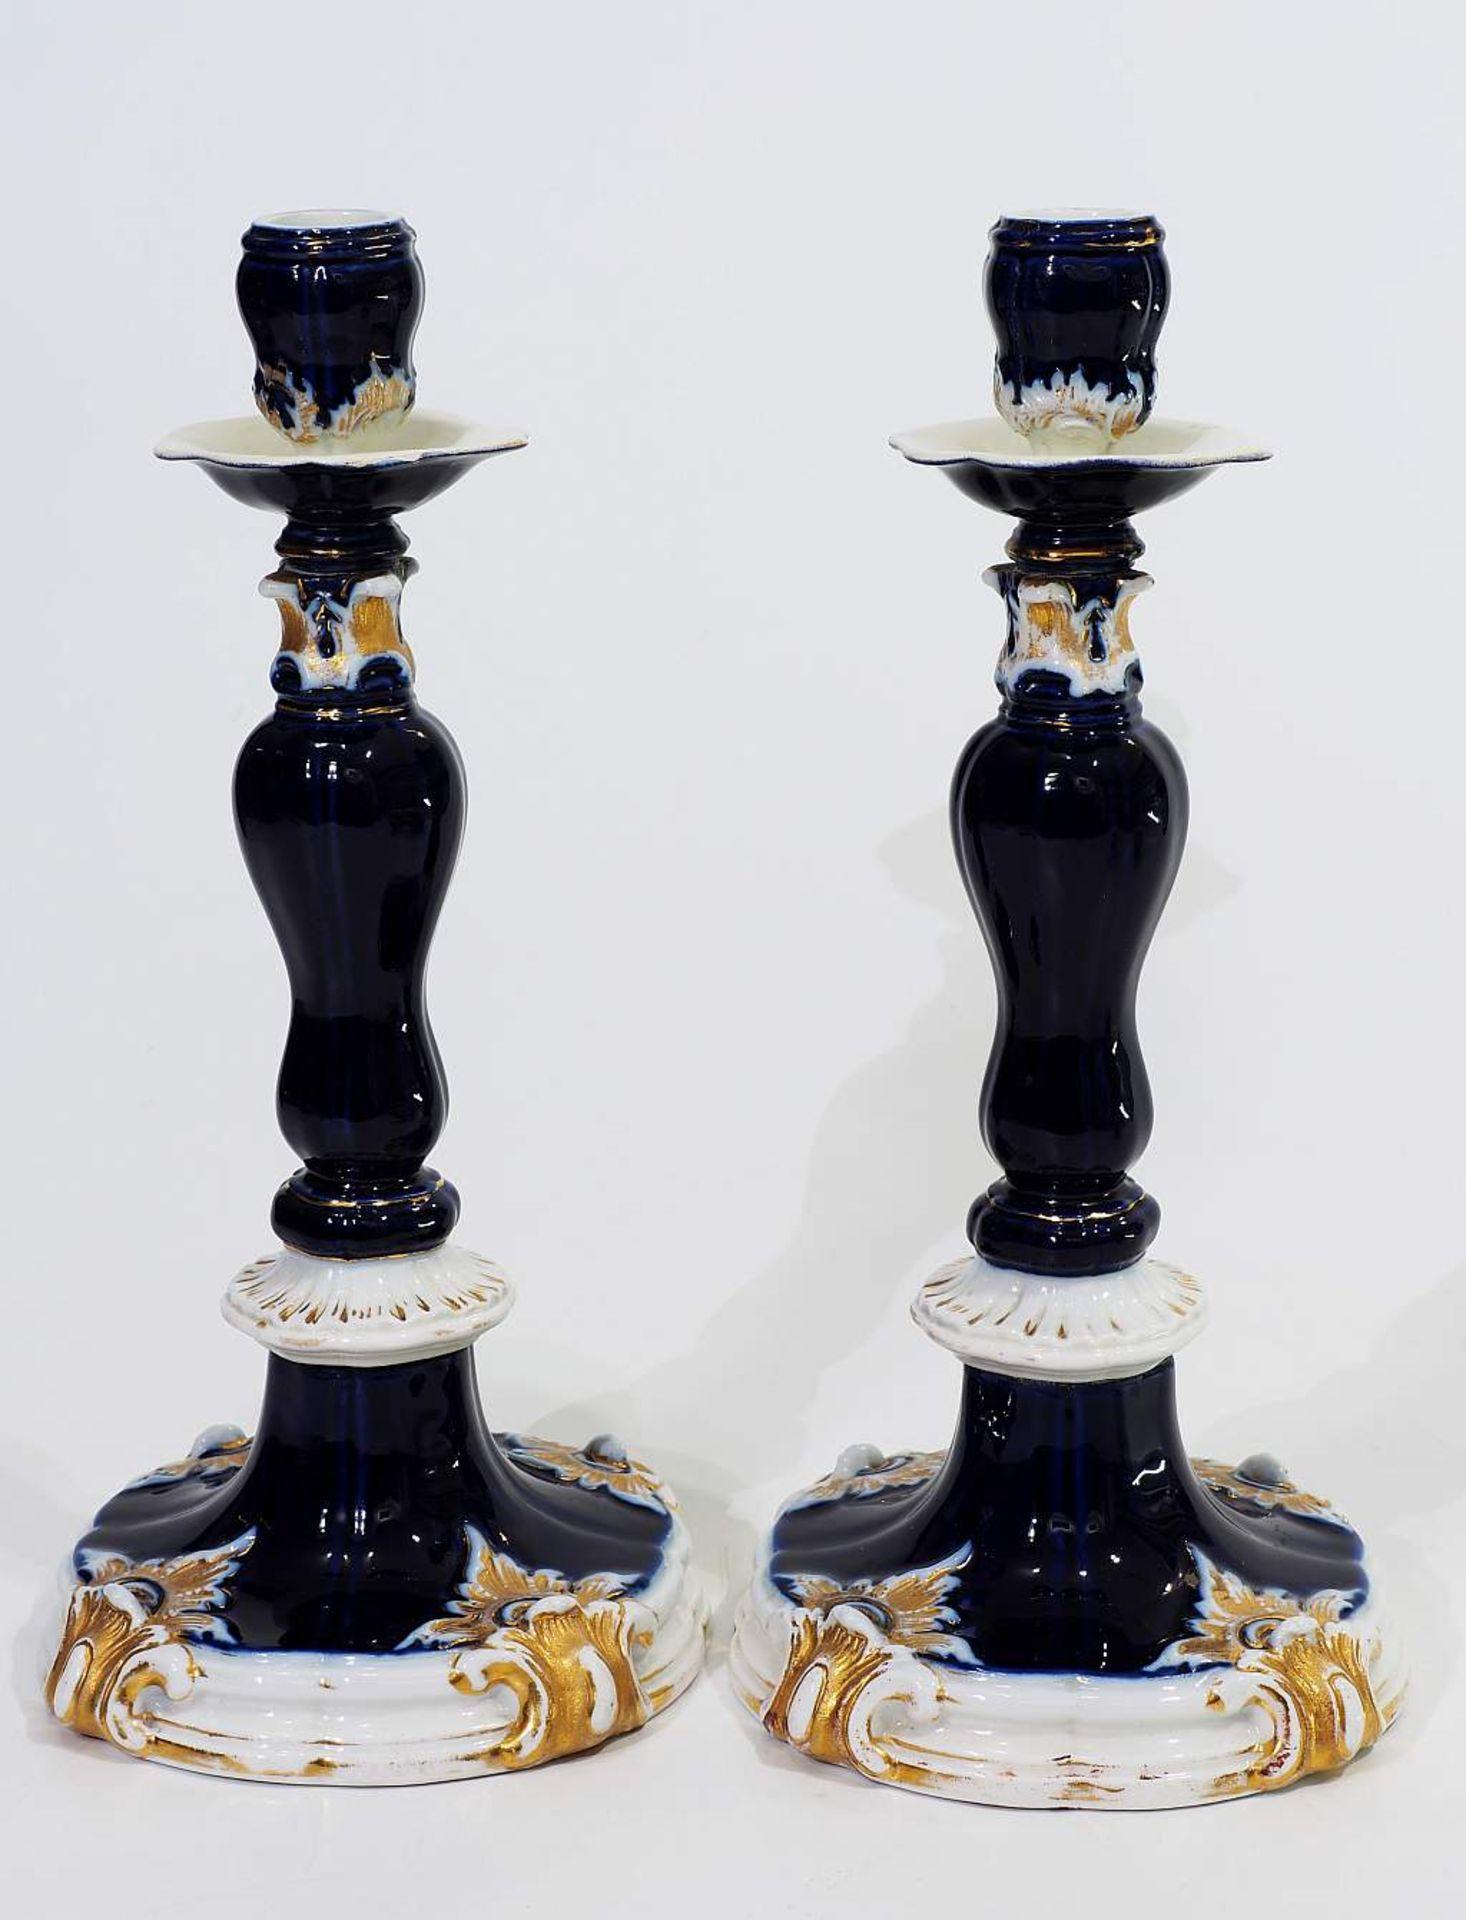 Prunk-Kerzenleuchter-Paar. MEISSEN um 1880. Prunk-Kerzenleuchter-Paar. MEISSEN um 1880, Modell Nr. B - Bild 4 aus 6